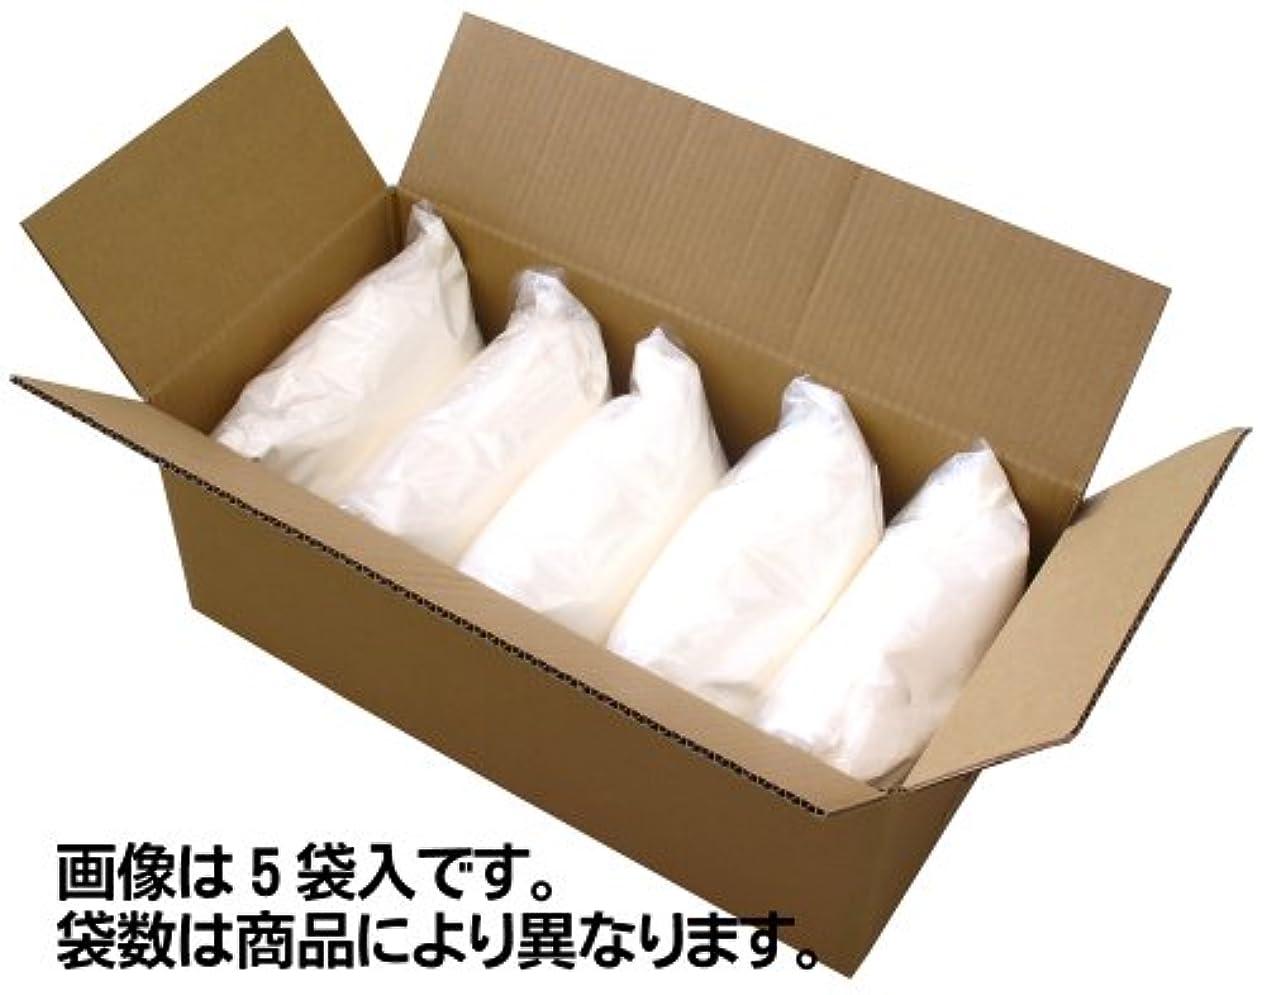 取り組む膜期待する業務用 難消化性デキストリン4kg×5袋 水溶性食物繊維約85%